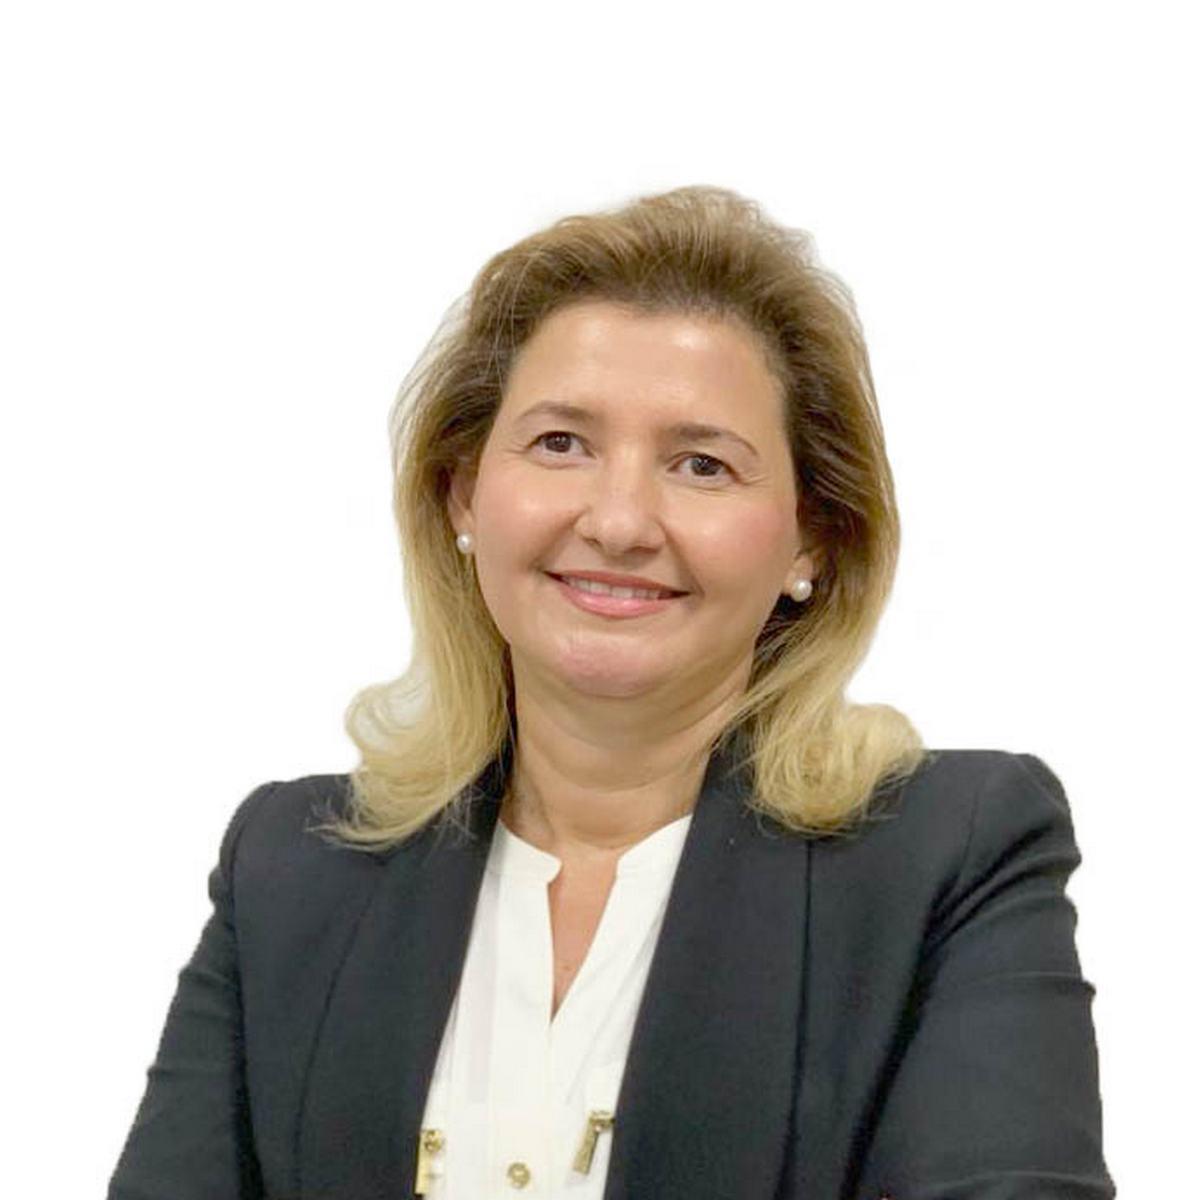 Oliva Gómez